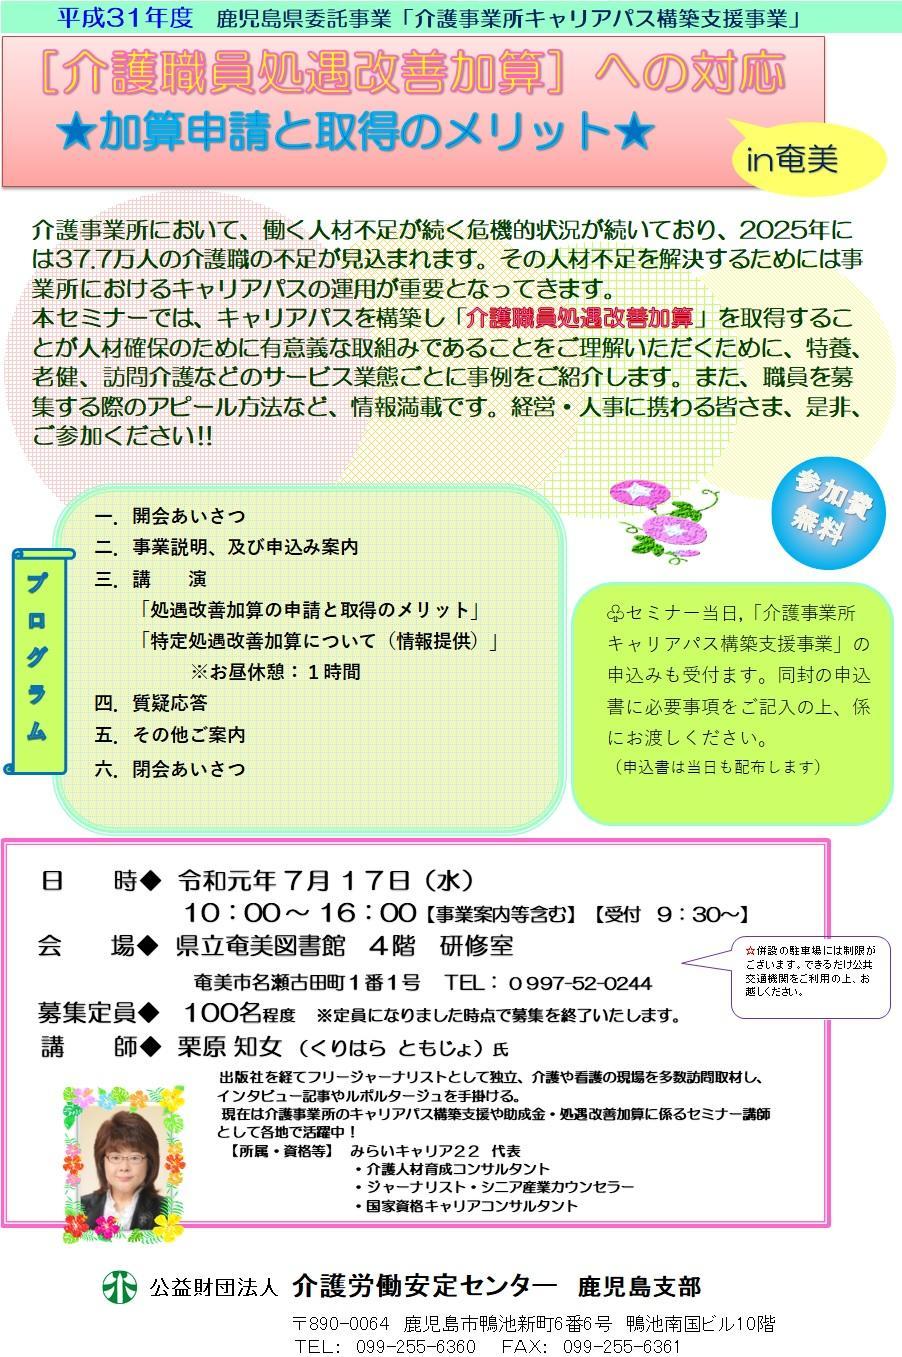 20190718奄美全体説明会.jpg